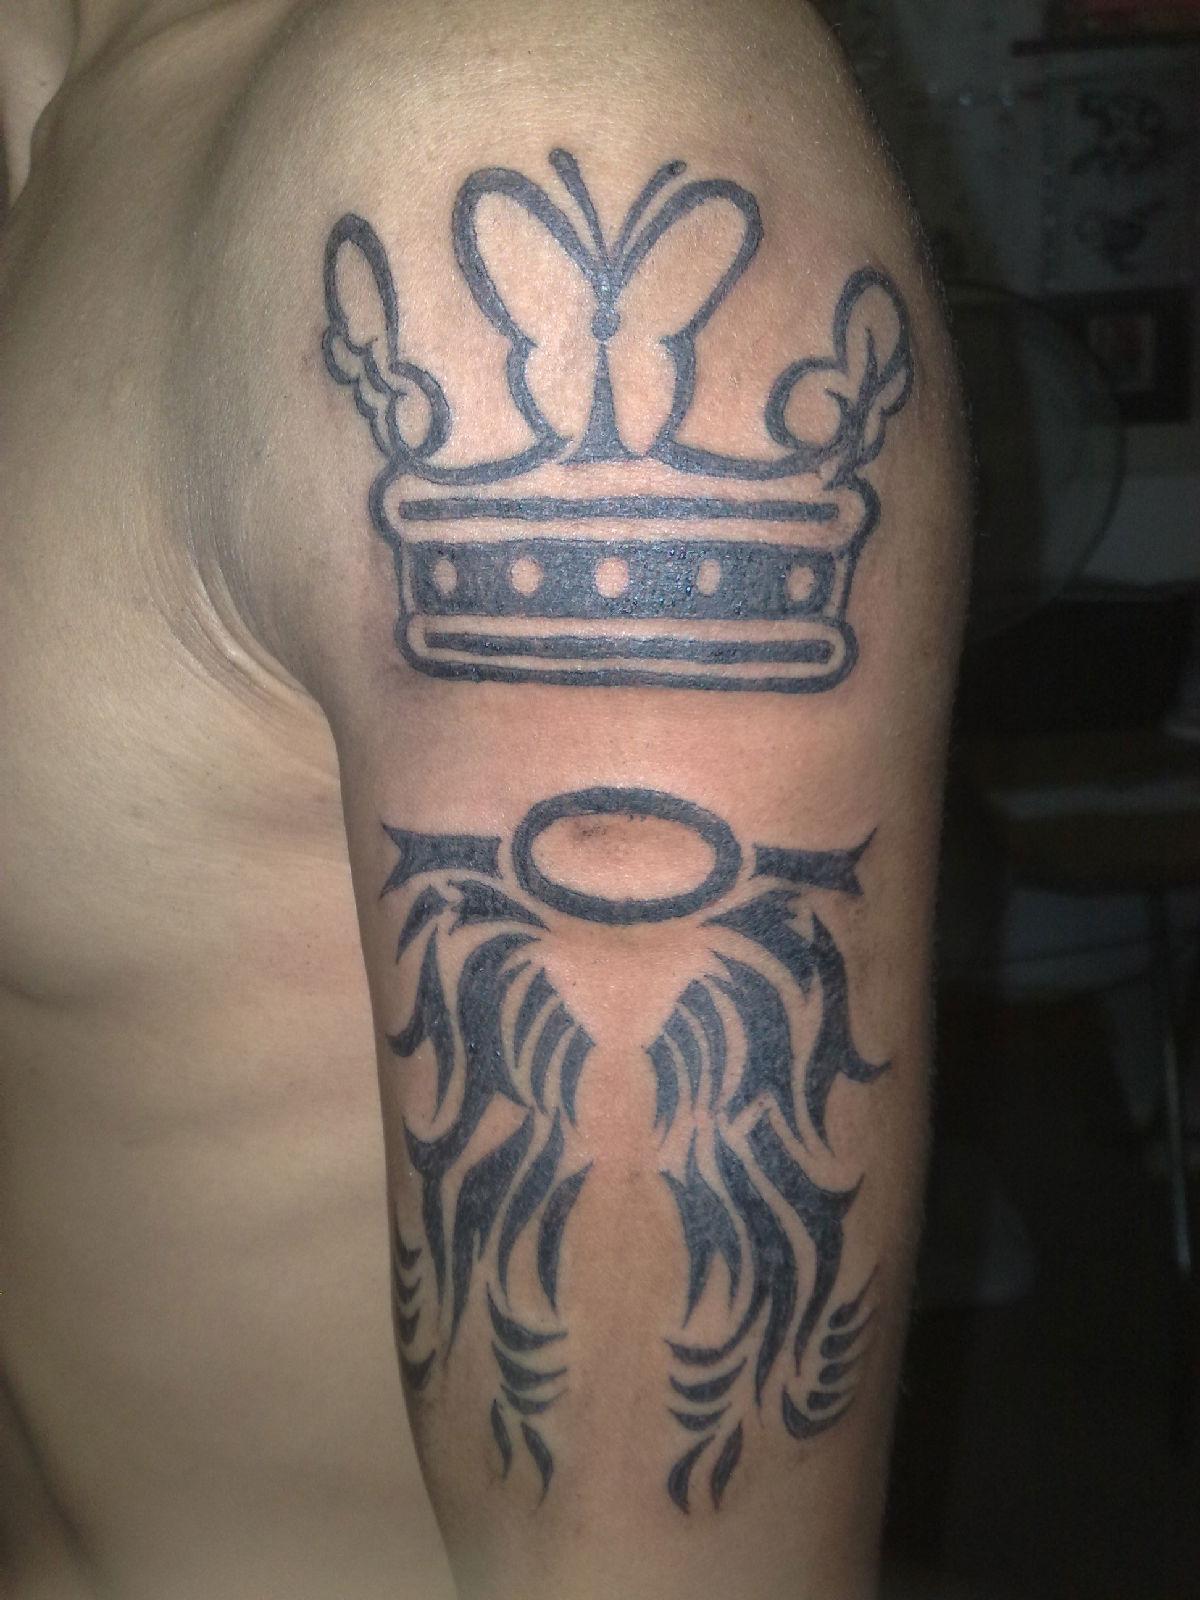 科比手臂纹身图案图片展示图片